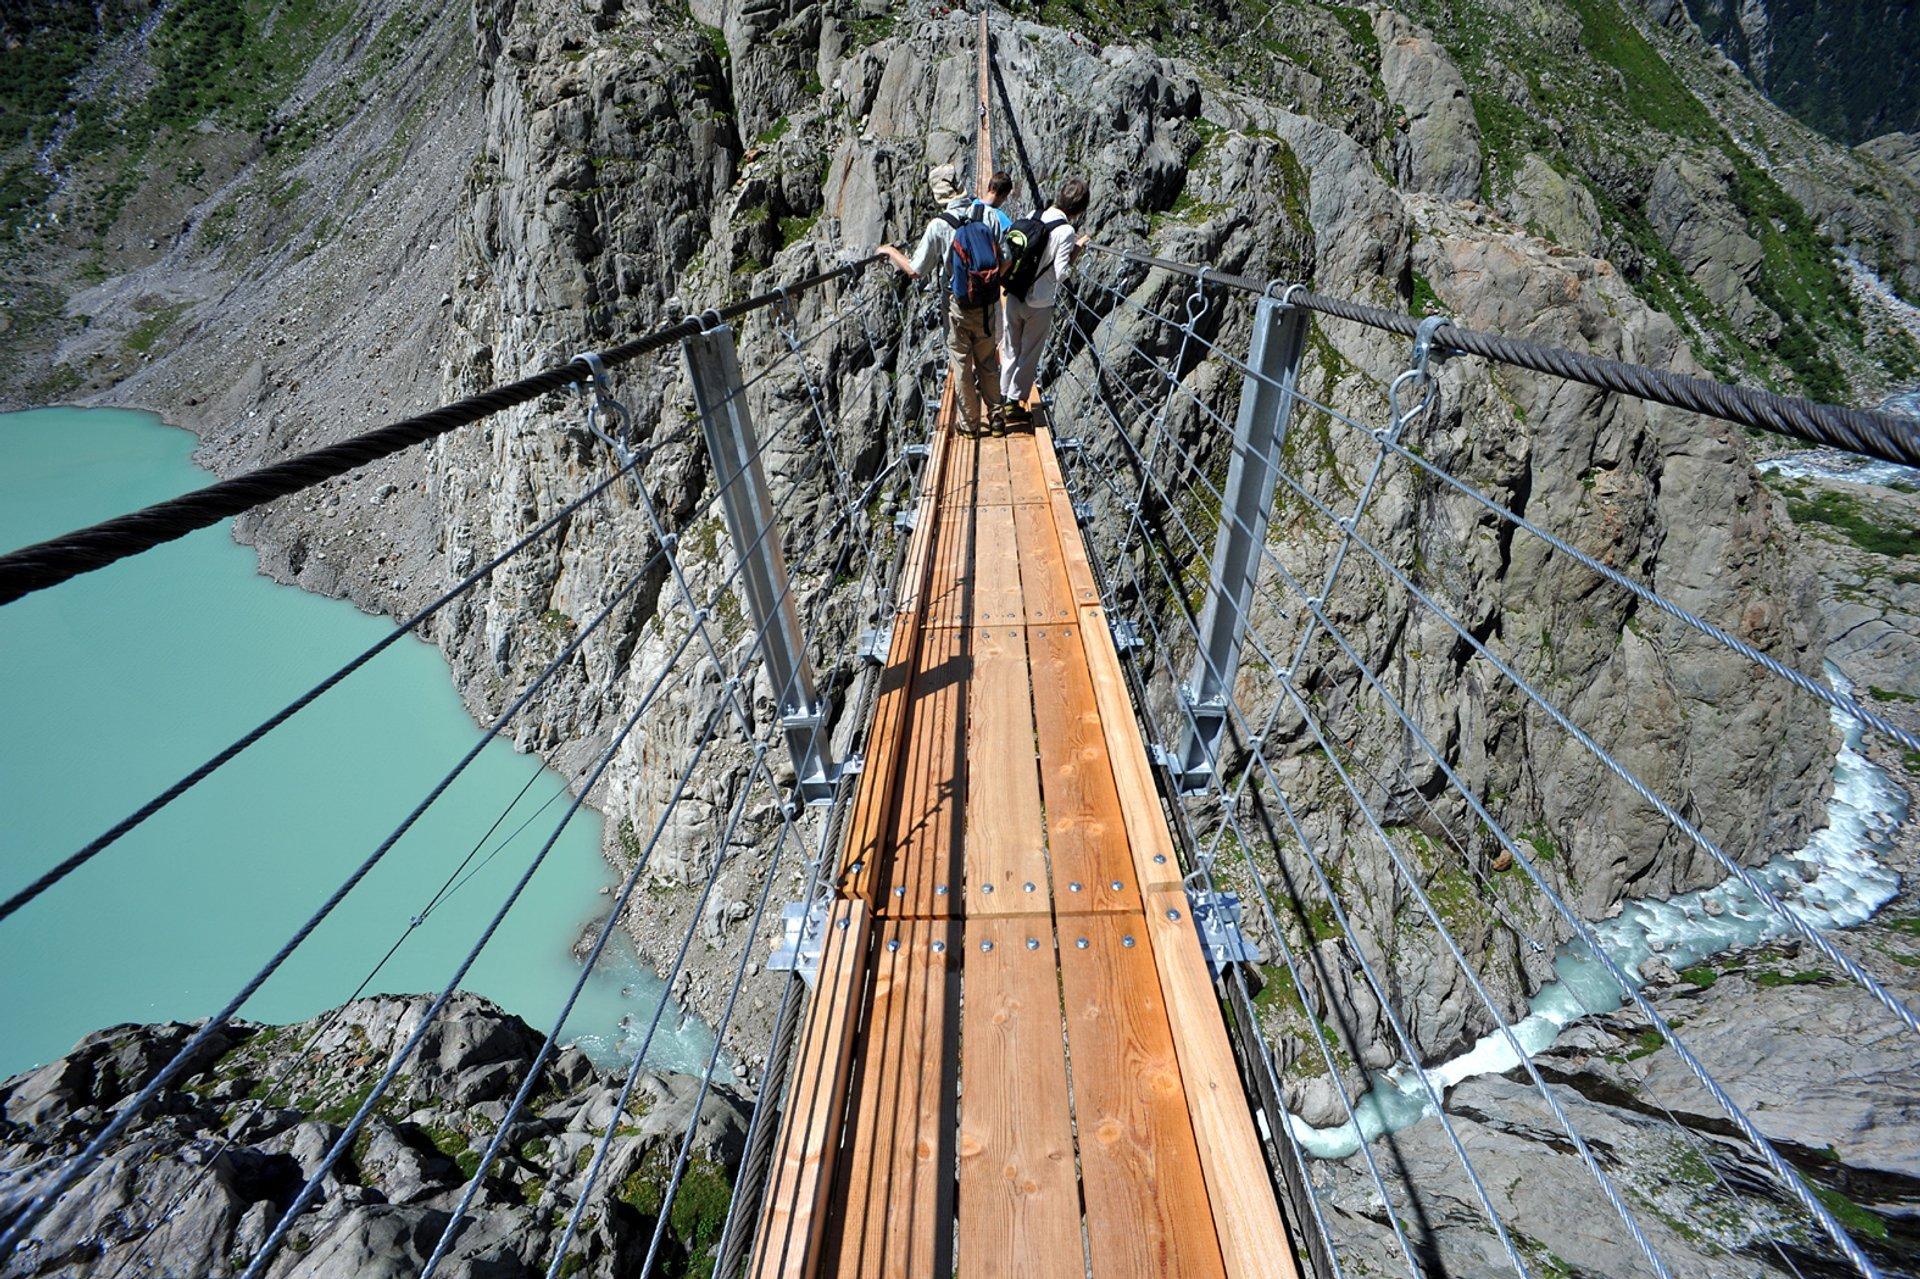 The Trift Bridge in Switzerland 2019 - Best Time